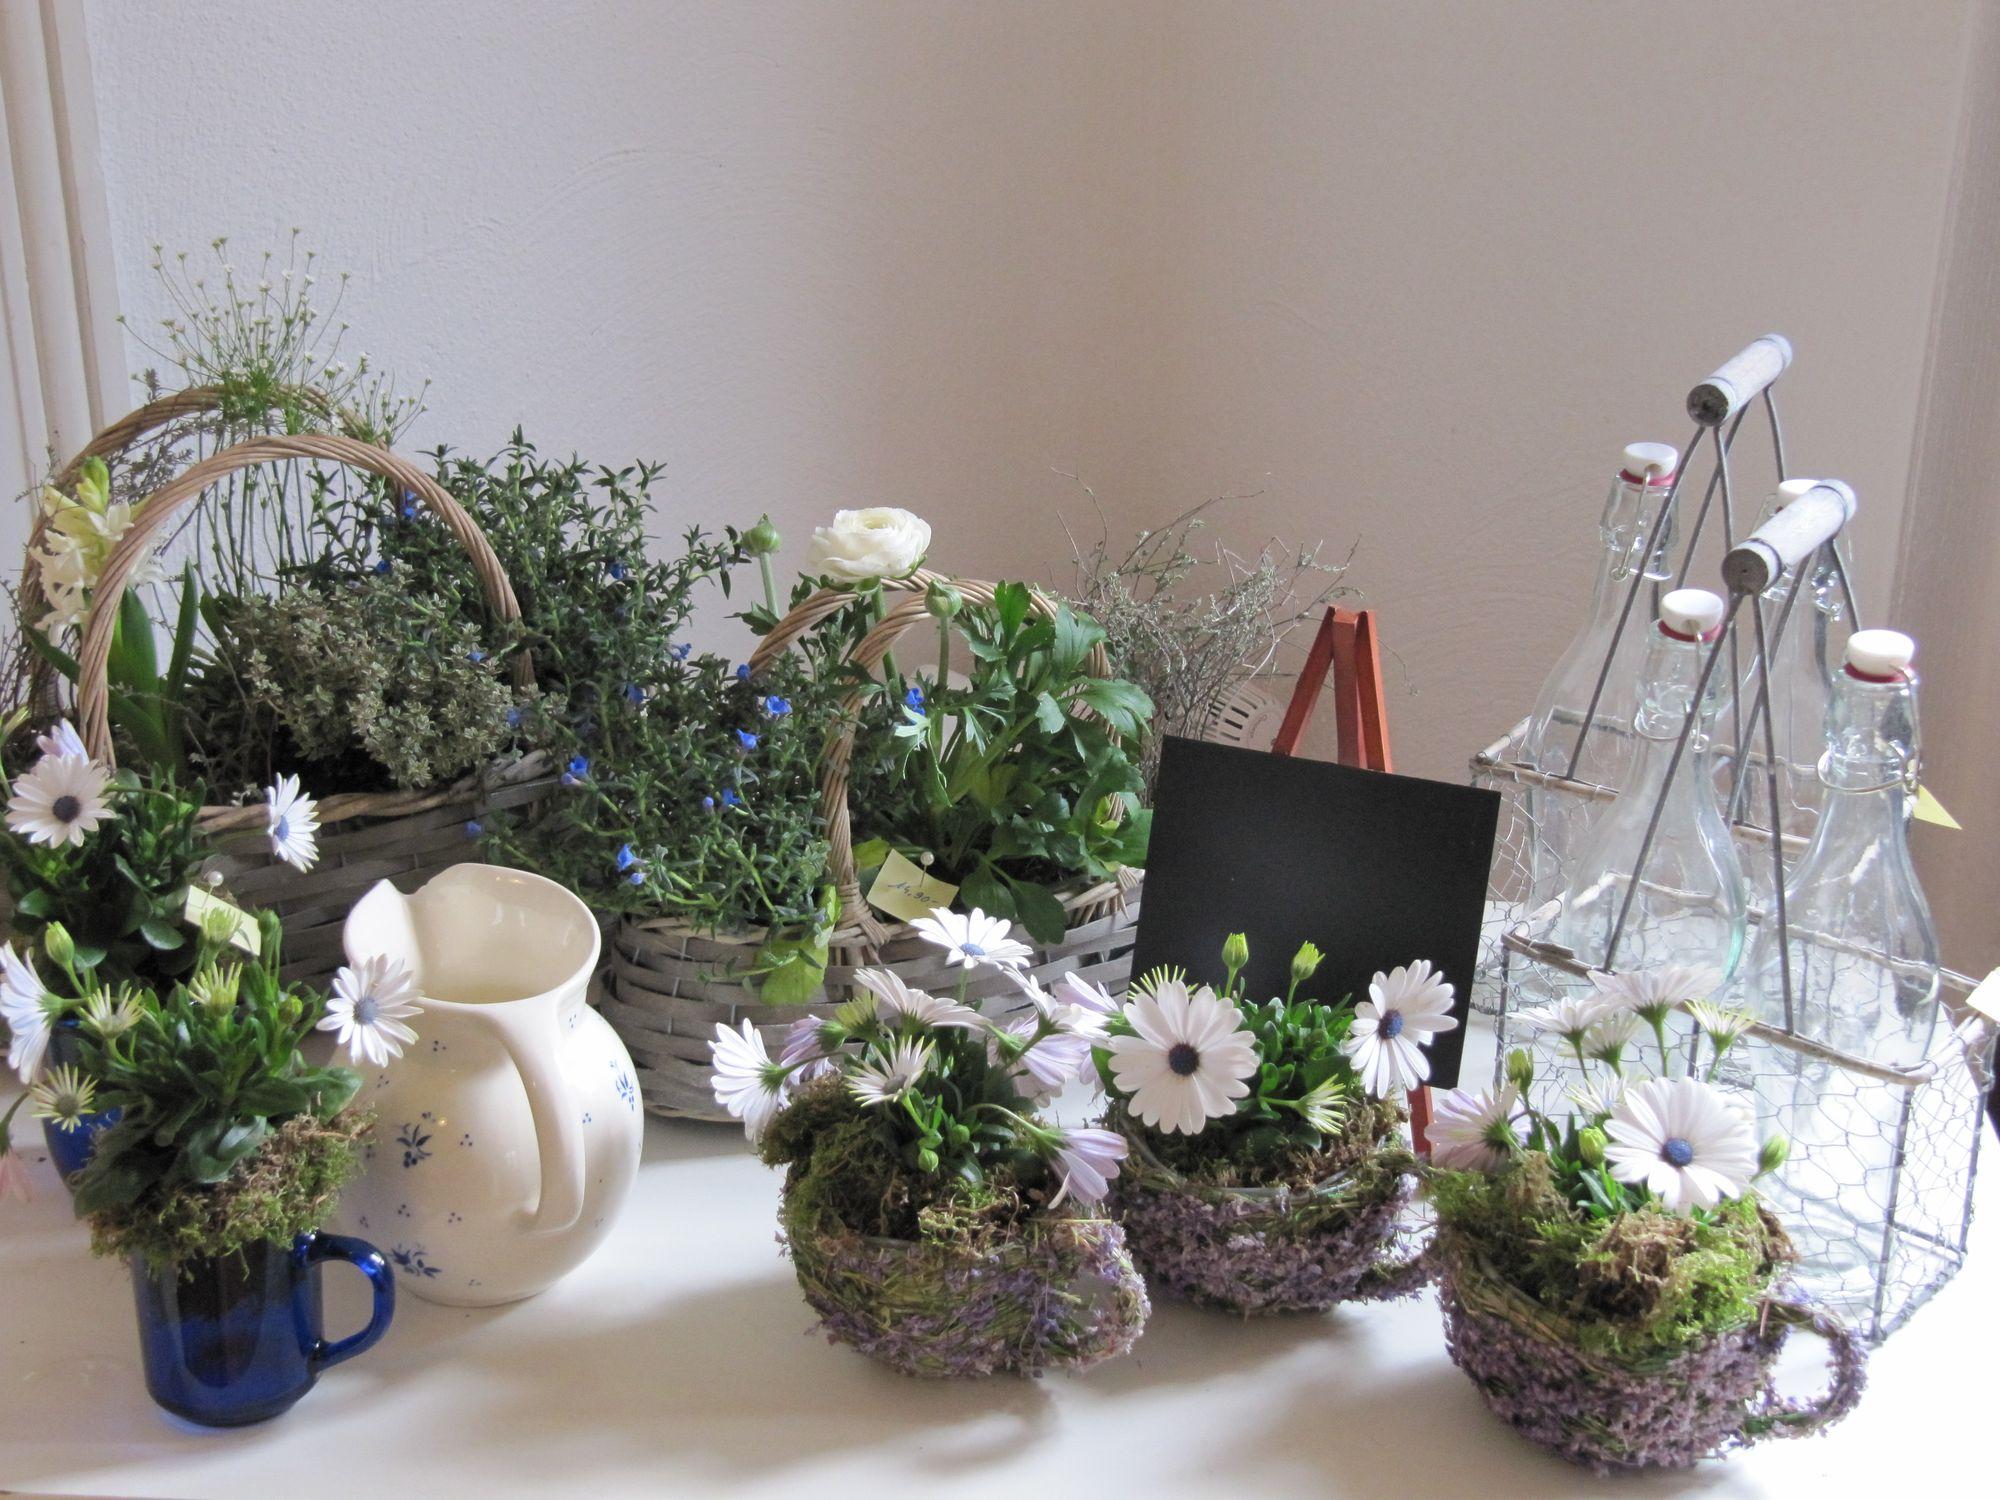 Bastelwerkstatt, Gartenseminare und kreativ Workshops für Kinder und Erwachsene in der GartenWerkstatt Berlin